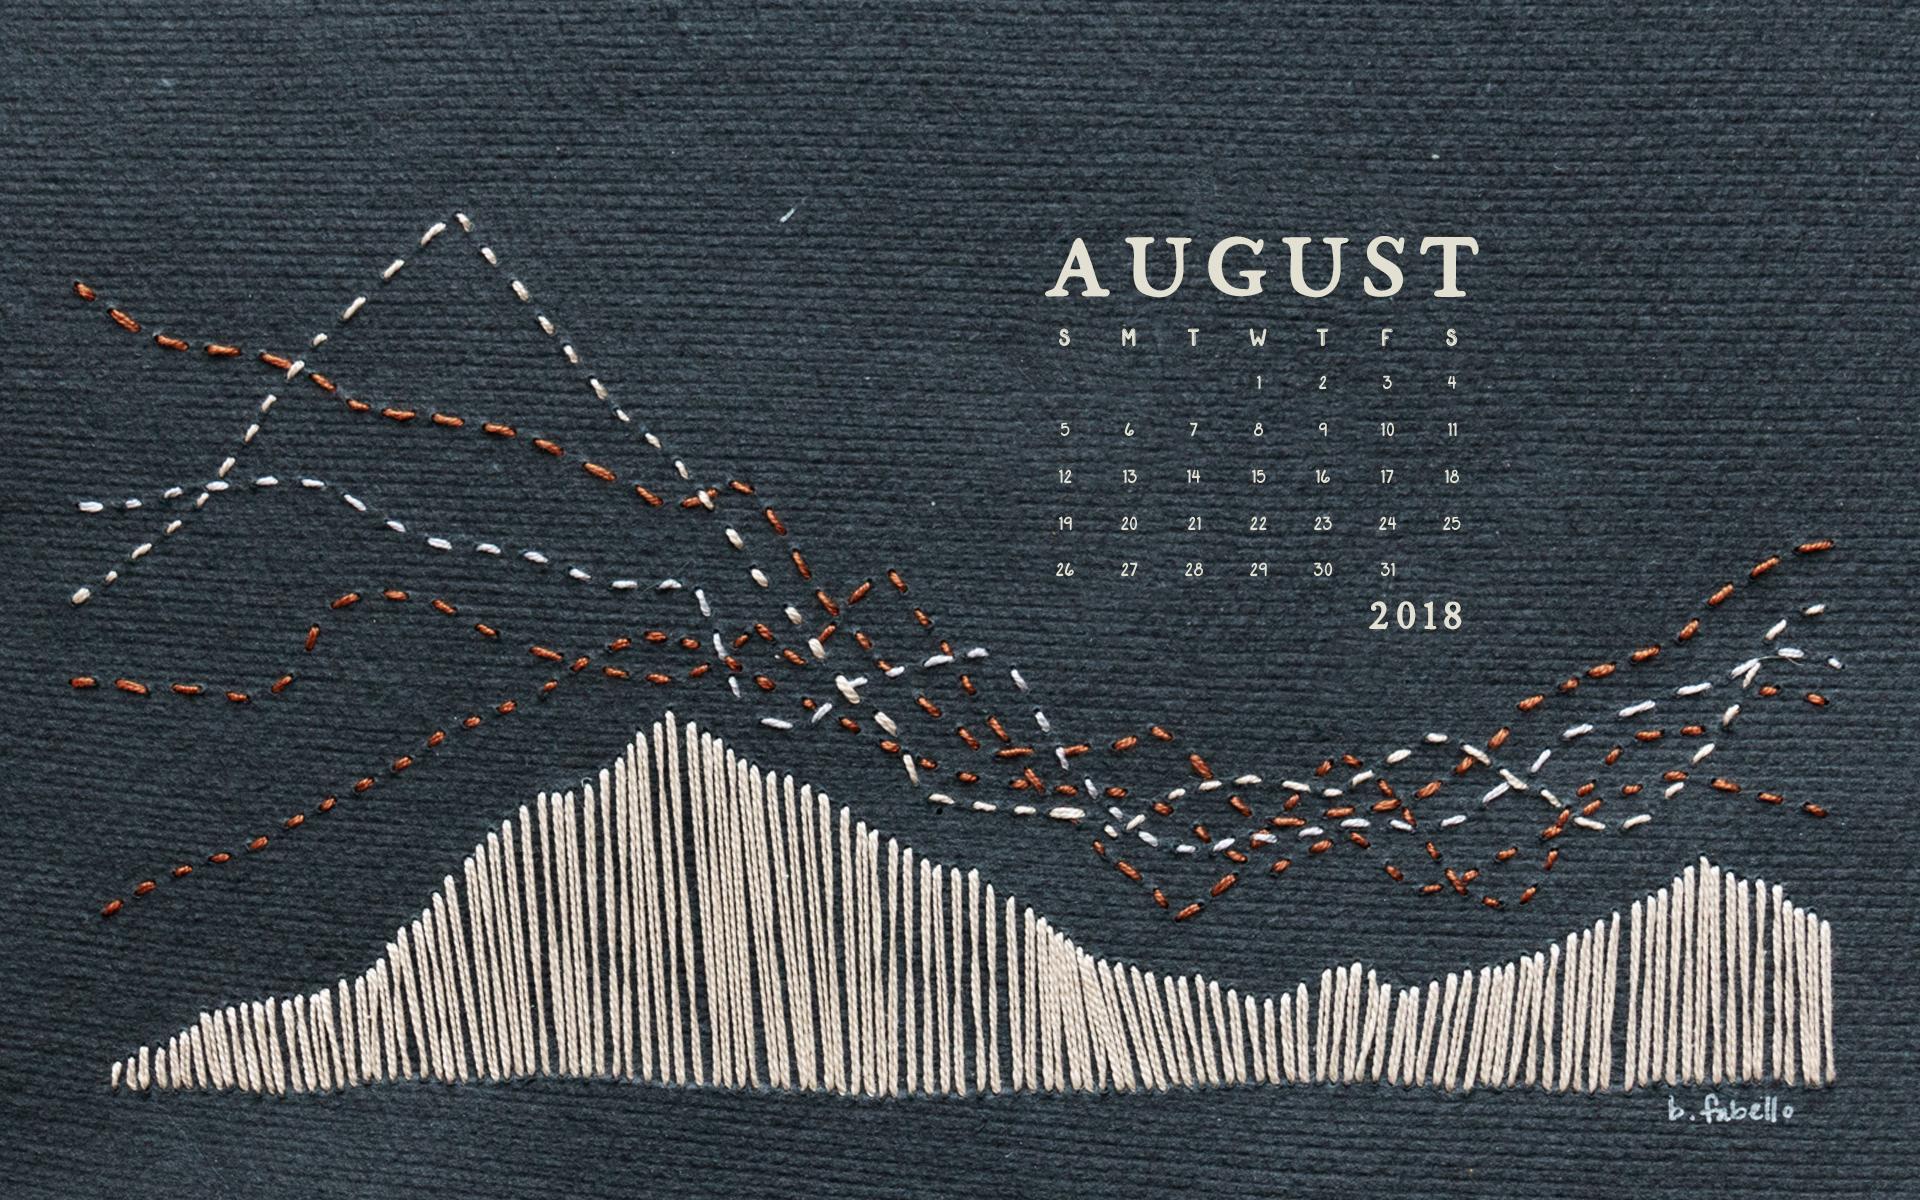 Wallpaper: August 2018 Calendar & Art   Desktop Calendar Wallpaper   Britt Fabello